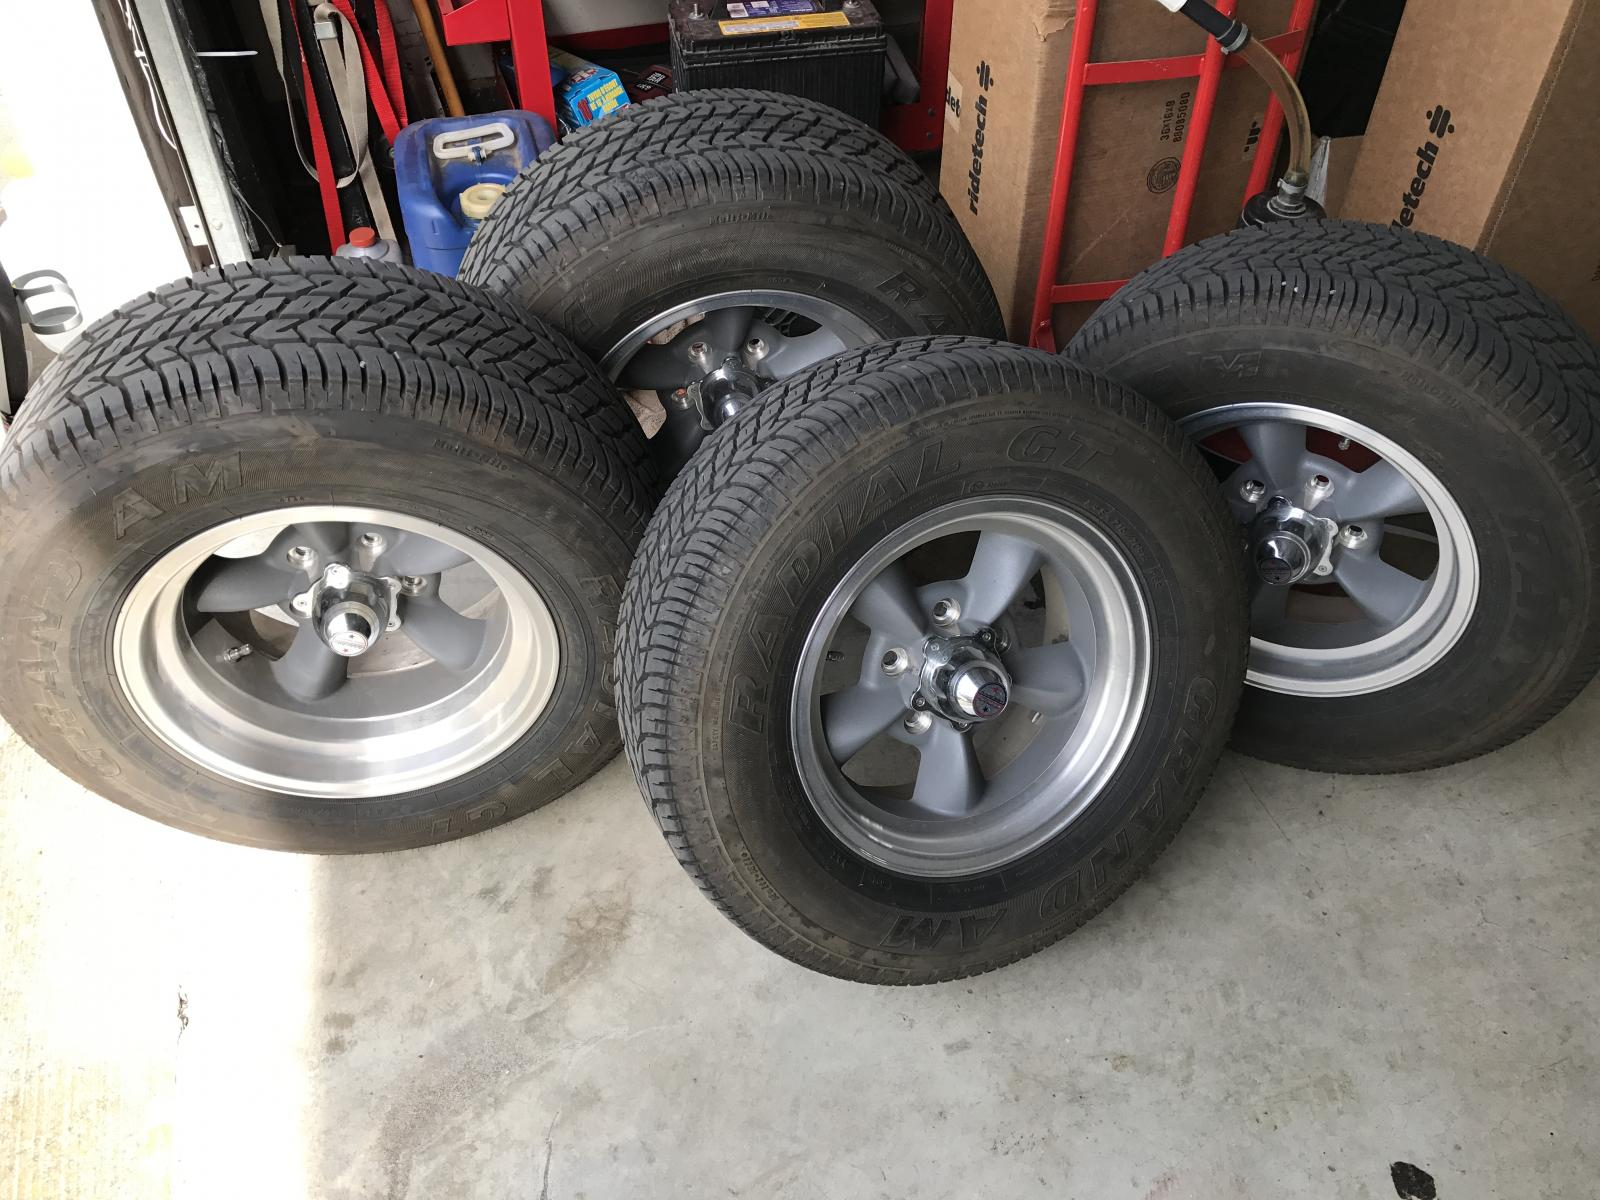 American Racing Torque Thrust D Wheels Tires 5x4 75